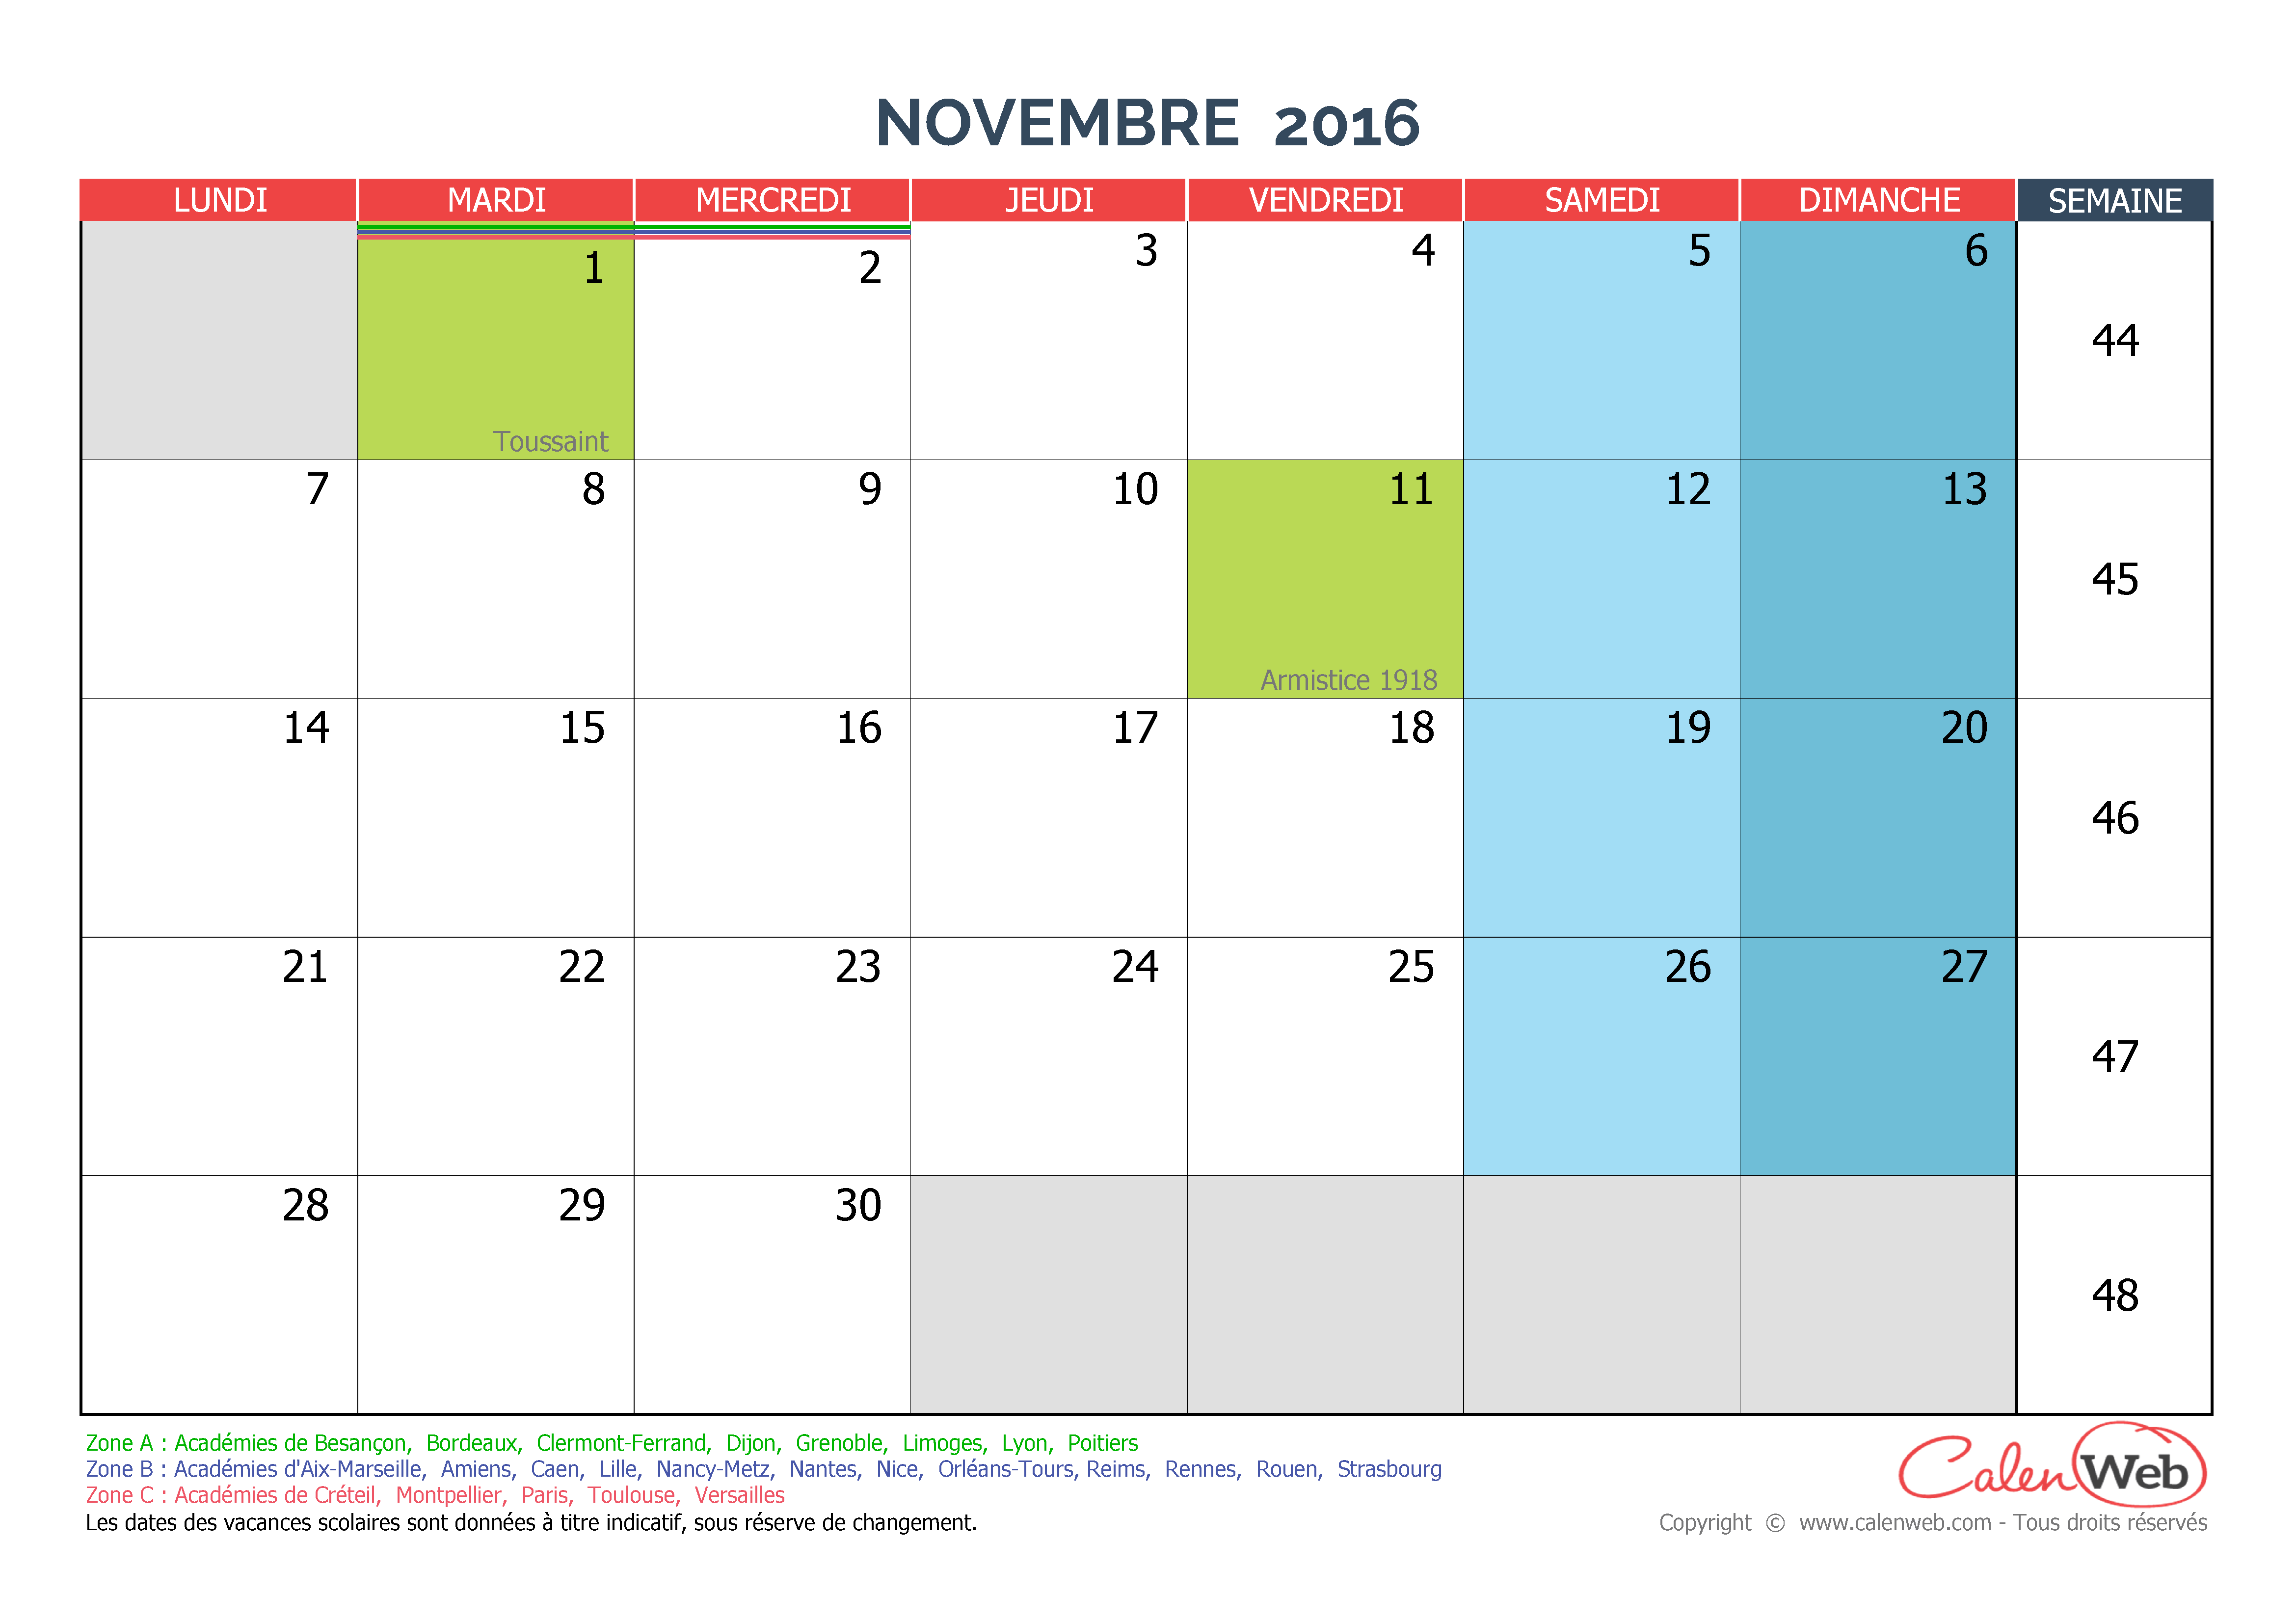 ... novembre 2016 Avec jours fériés et vacances scolaires - Calenweb.com